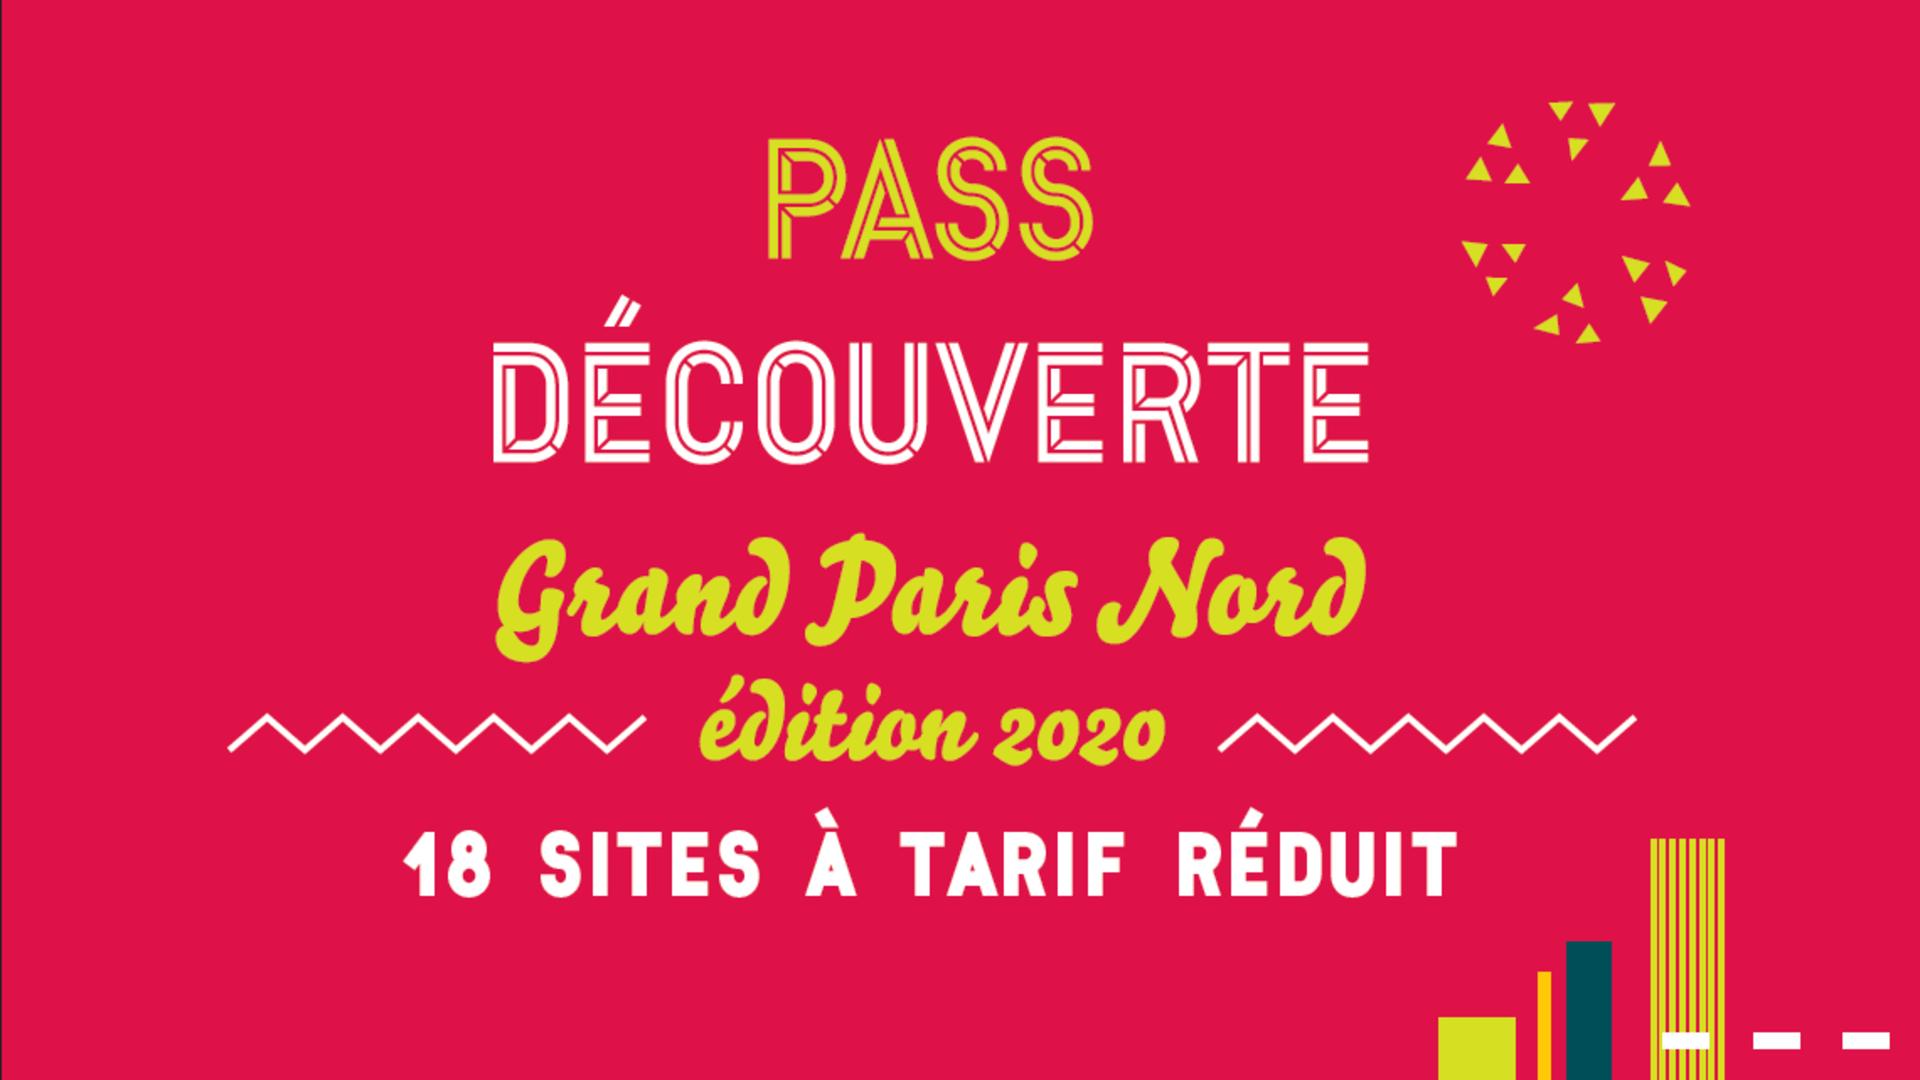 Pass Découverte Grand Nord 2020 - Tourisme Grand Paris Nord